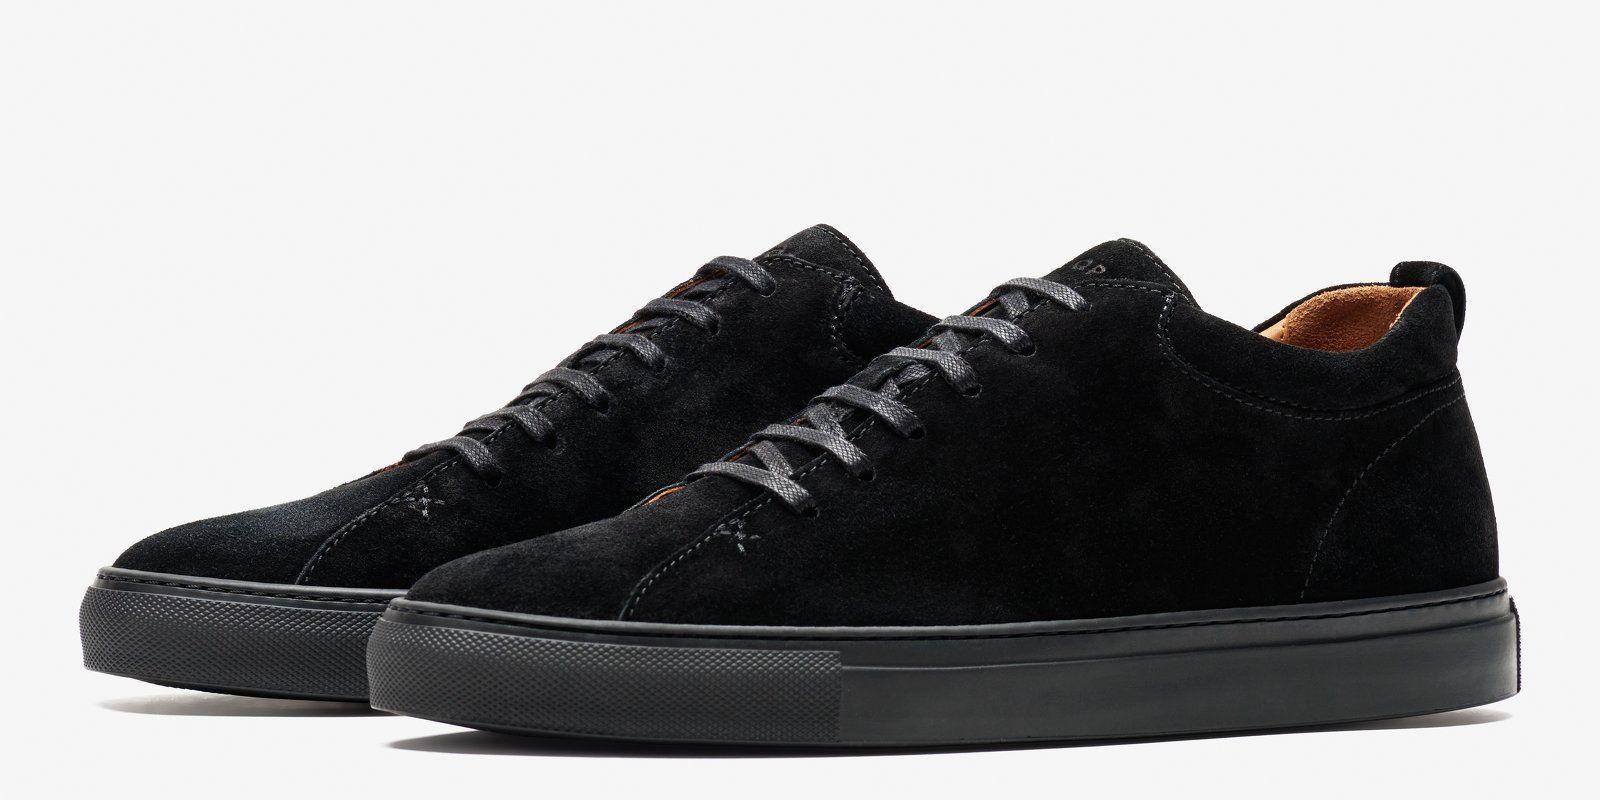 193d31cf STØRES FOTTØY: Det var disse semskede skoene fra C. QP Ap-lederen måtte ty  til. Pris: 232 Euro.